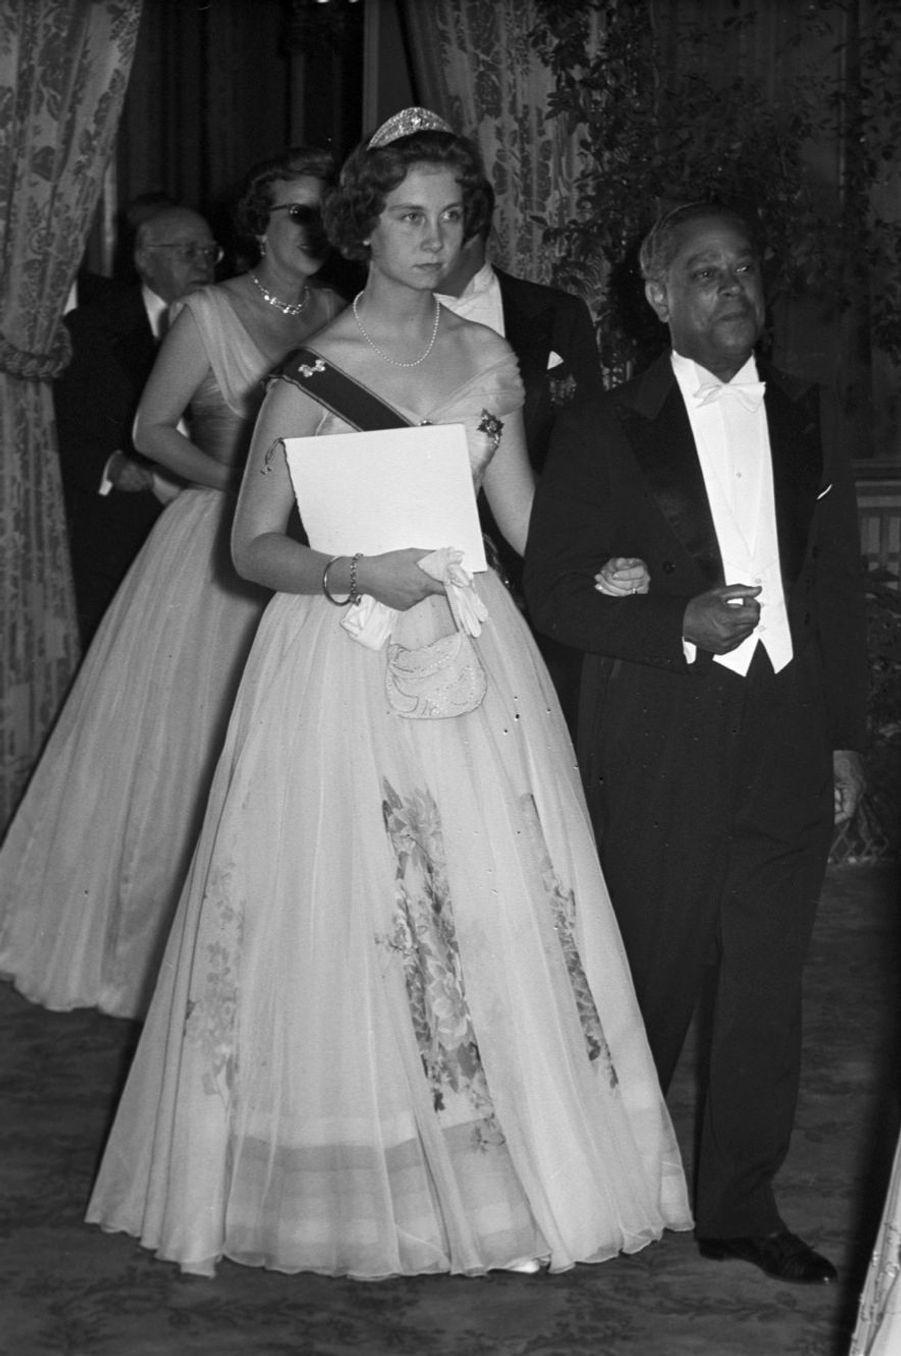 La future reine Sofia d'Espagne, née princesse Sophie de Grèce et de Danemark, en France en 1956